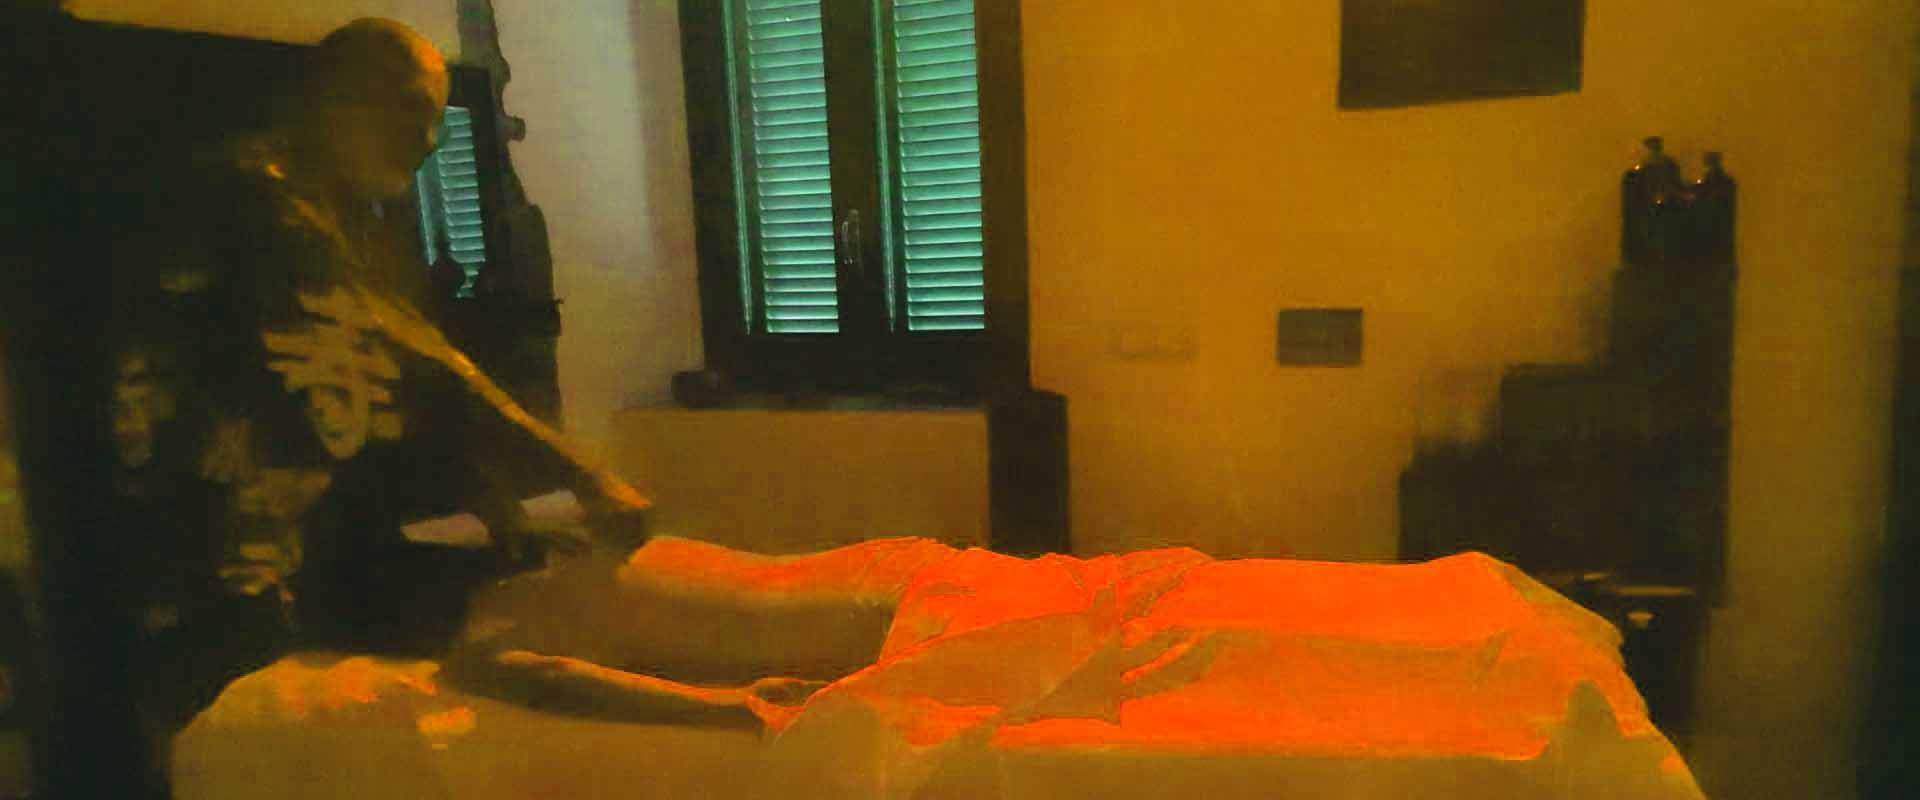 Massaggio risveglio energetico energizzante  Vipal Antonio Gianfranco Gualdi Centro di meditazione Zorba Il Buddha